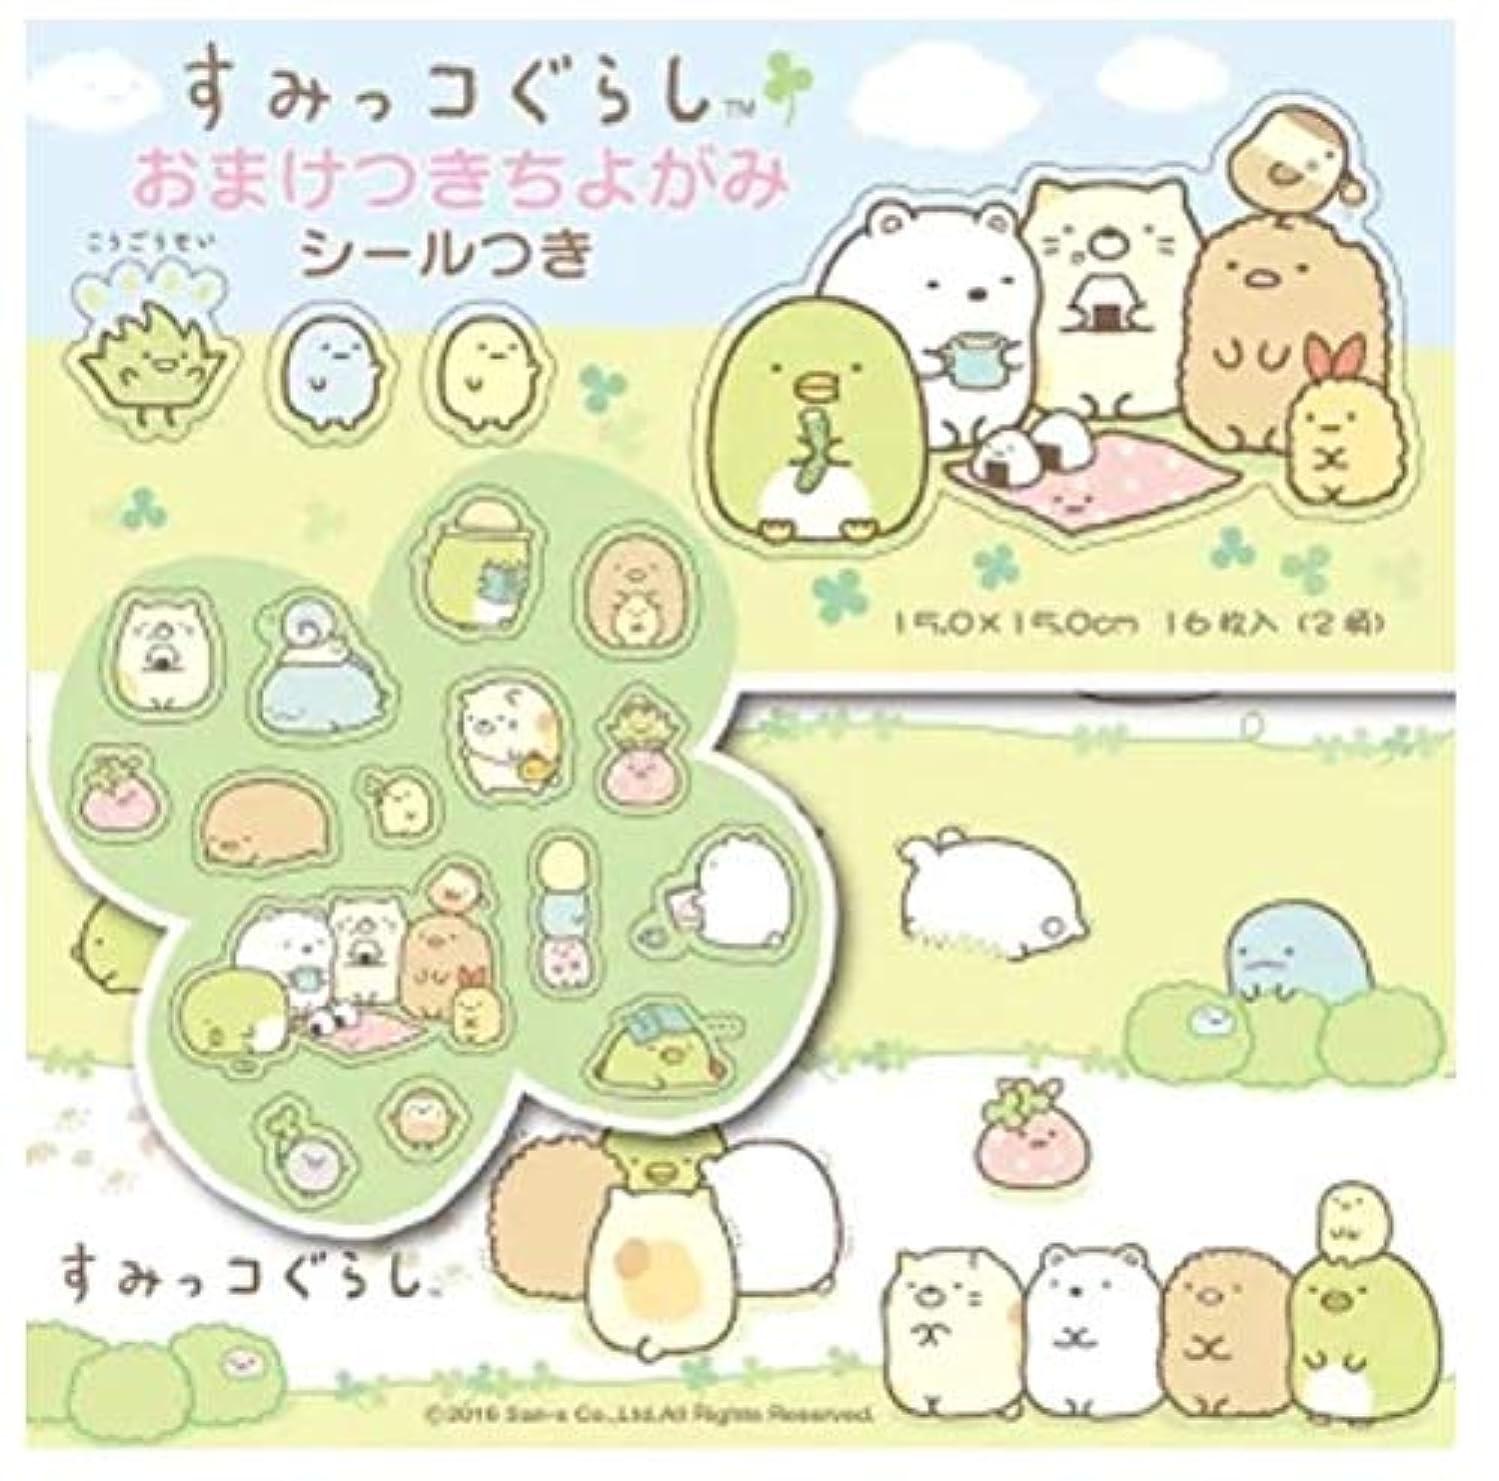 Corner Sumikko Gurashi Chiyogami Origami Paper 15cm 5.9inch and Stickers 031955